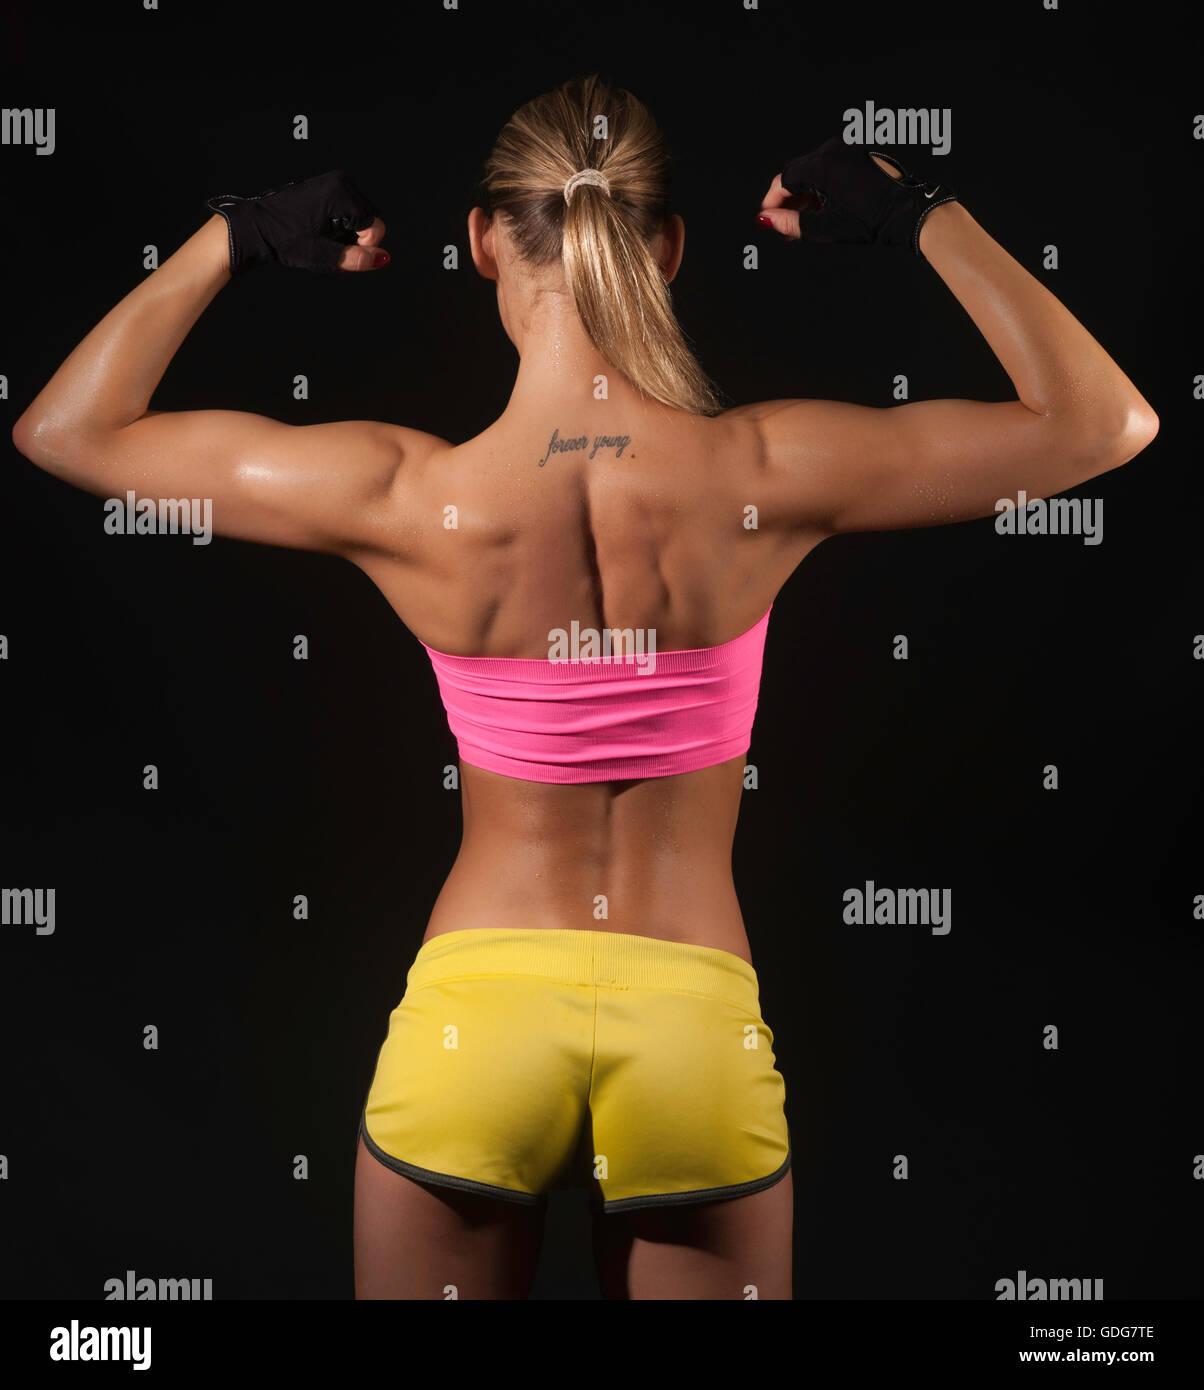 Schön bodybuilder frau hafen im